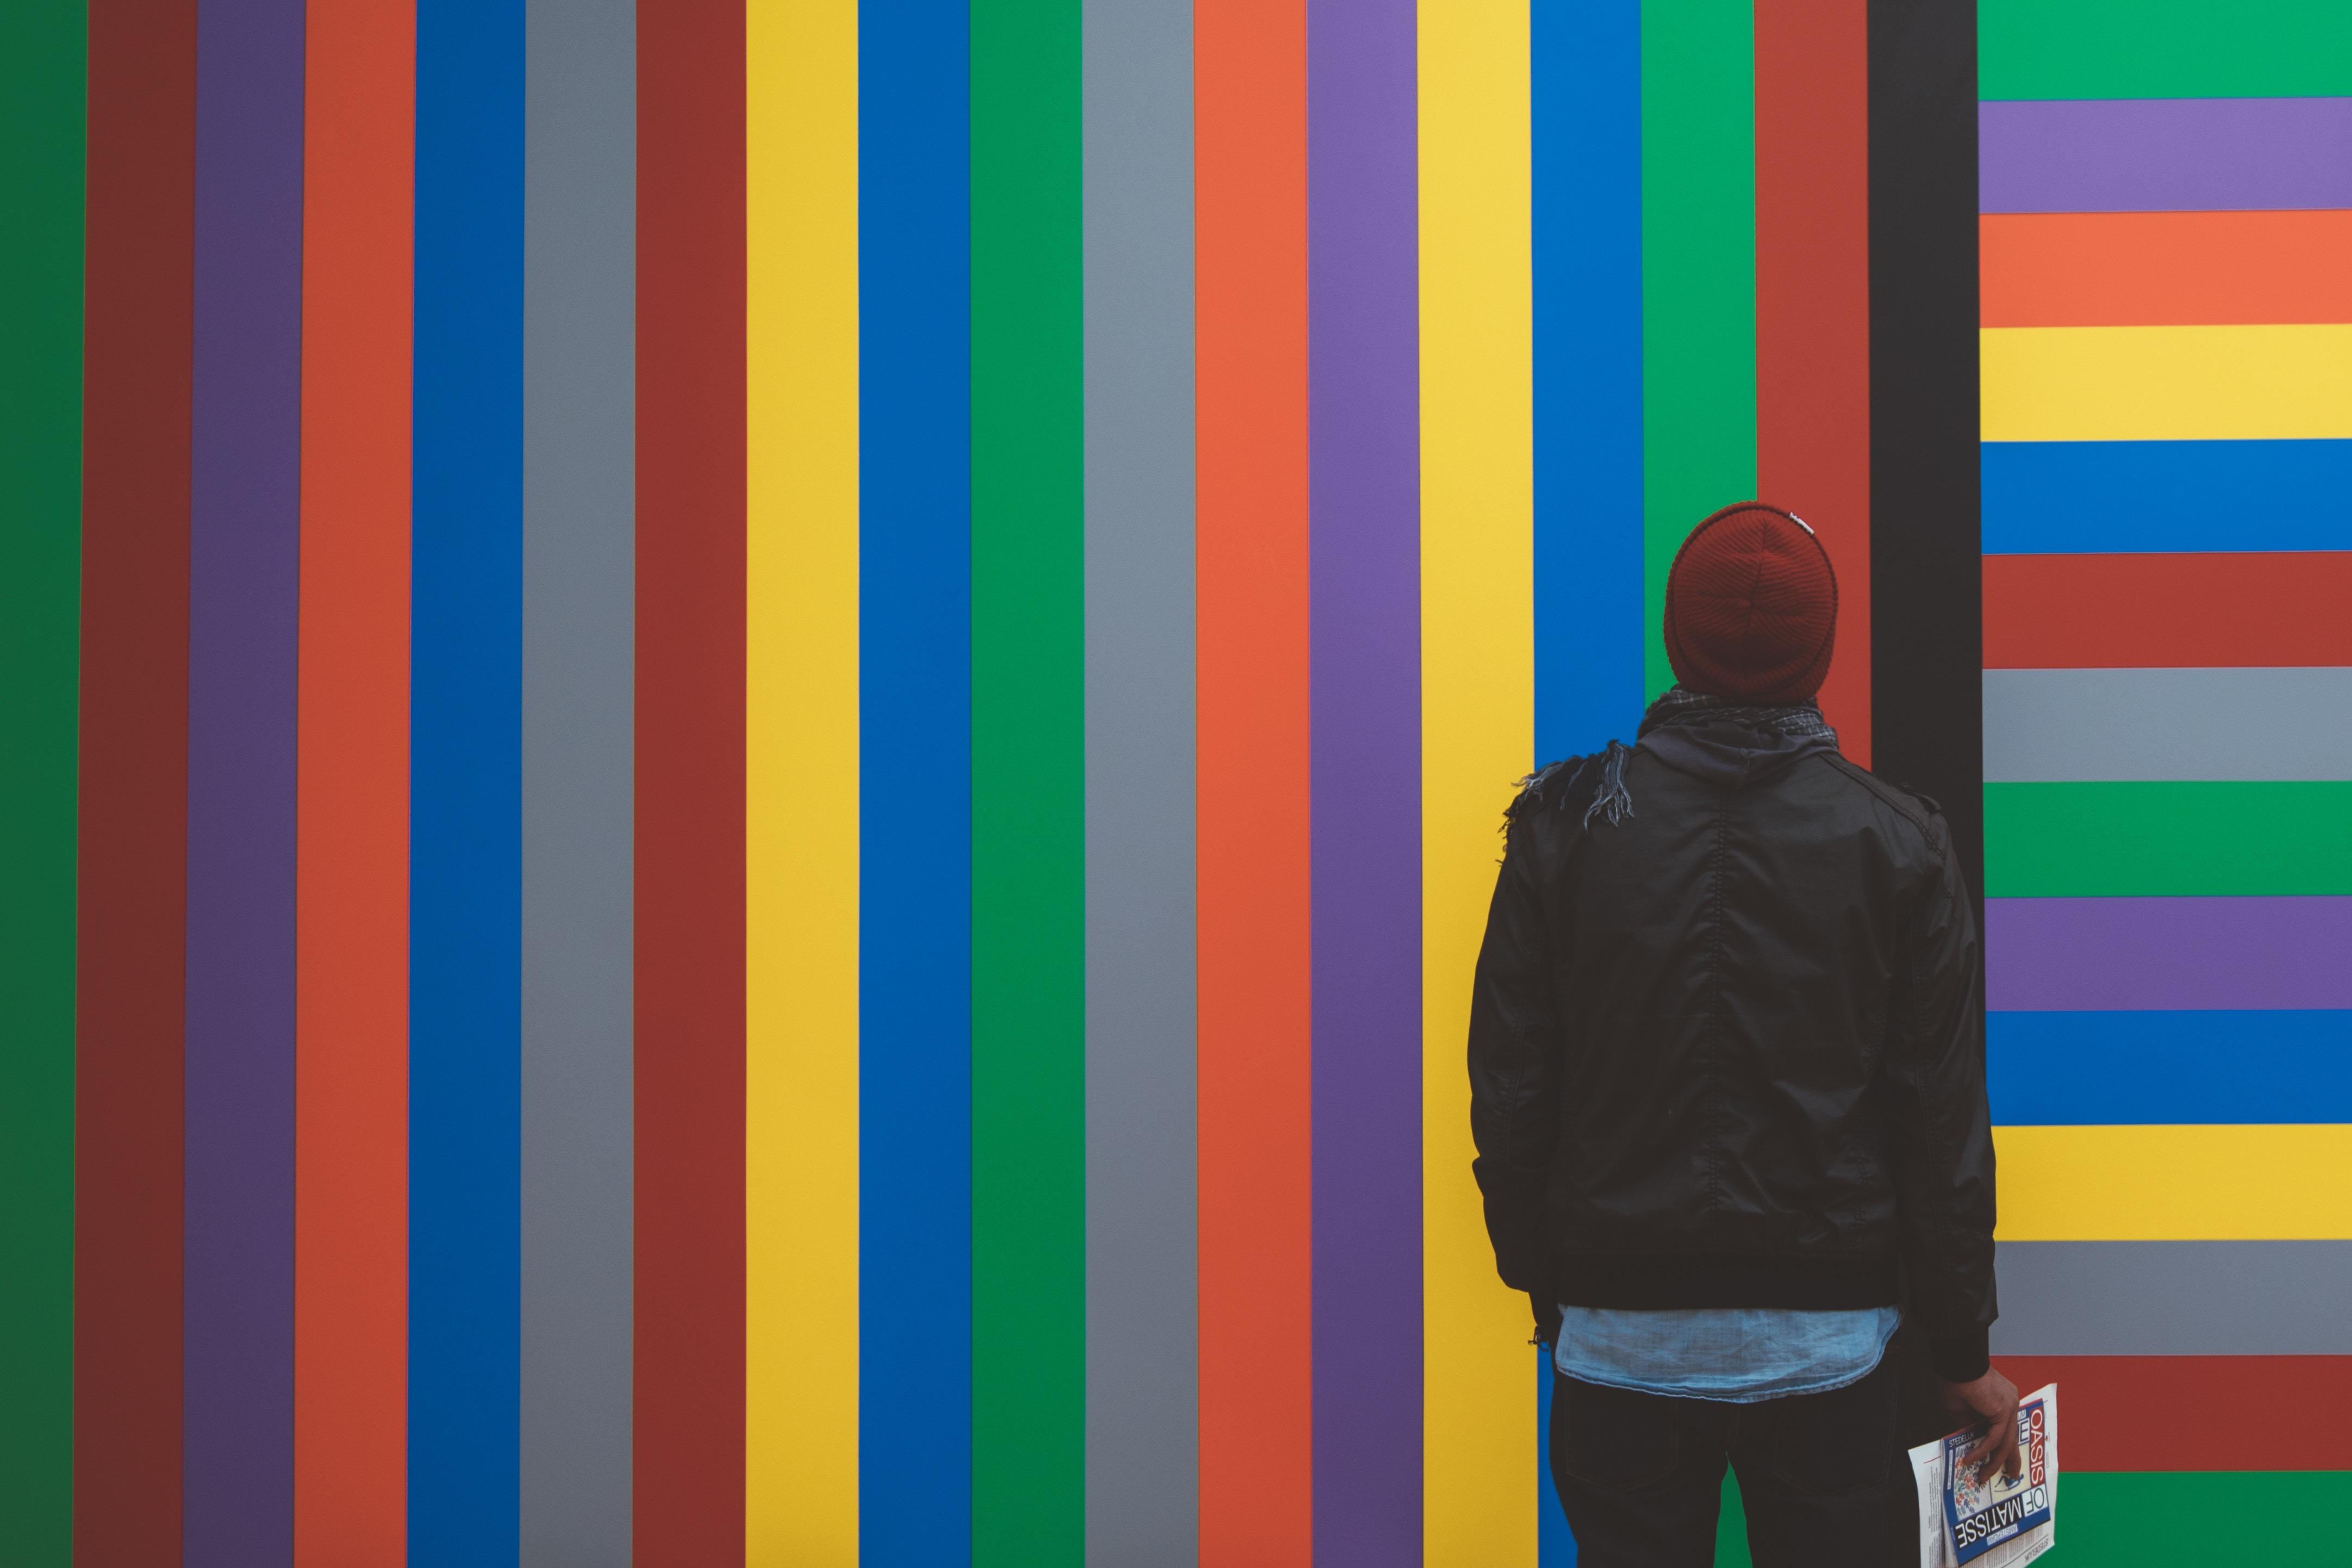 Голубой или светло-синий? Как родной язык влияет на восприятие цвета